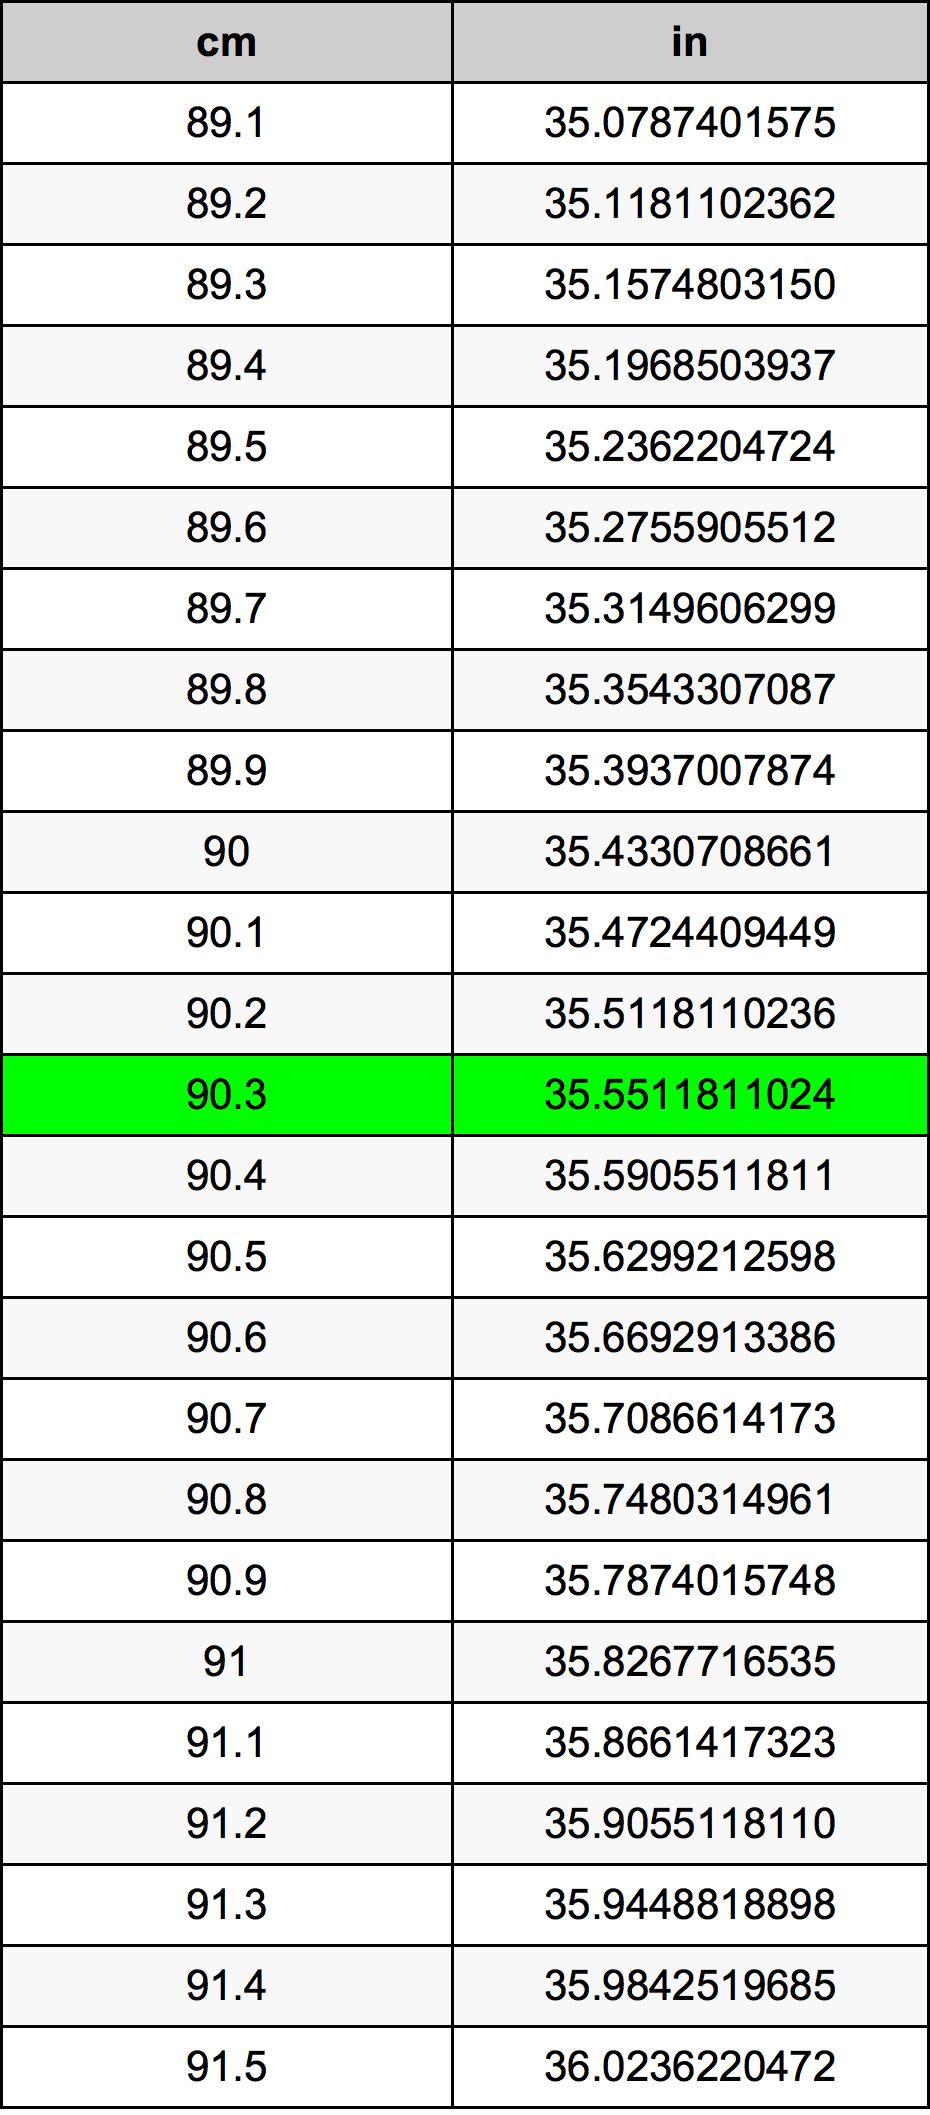 90.3 Centymetr tabela przeliczeniowa